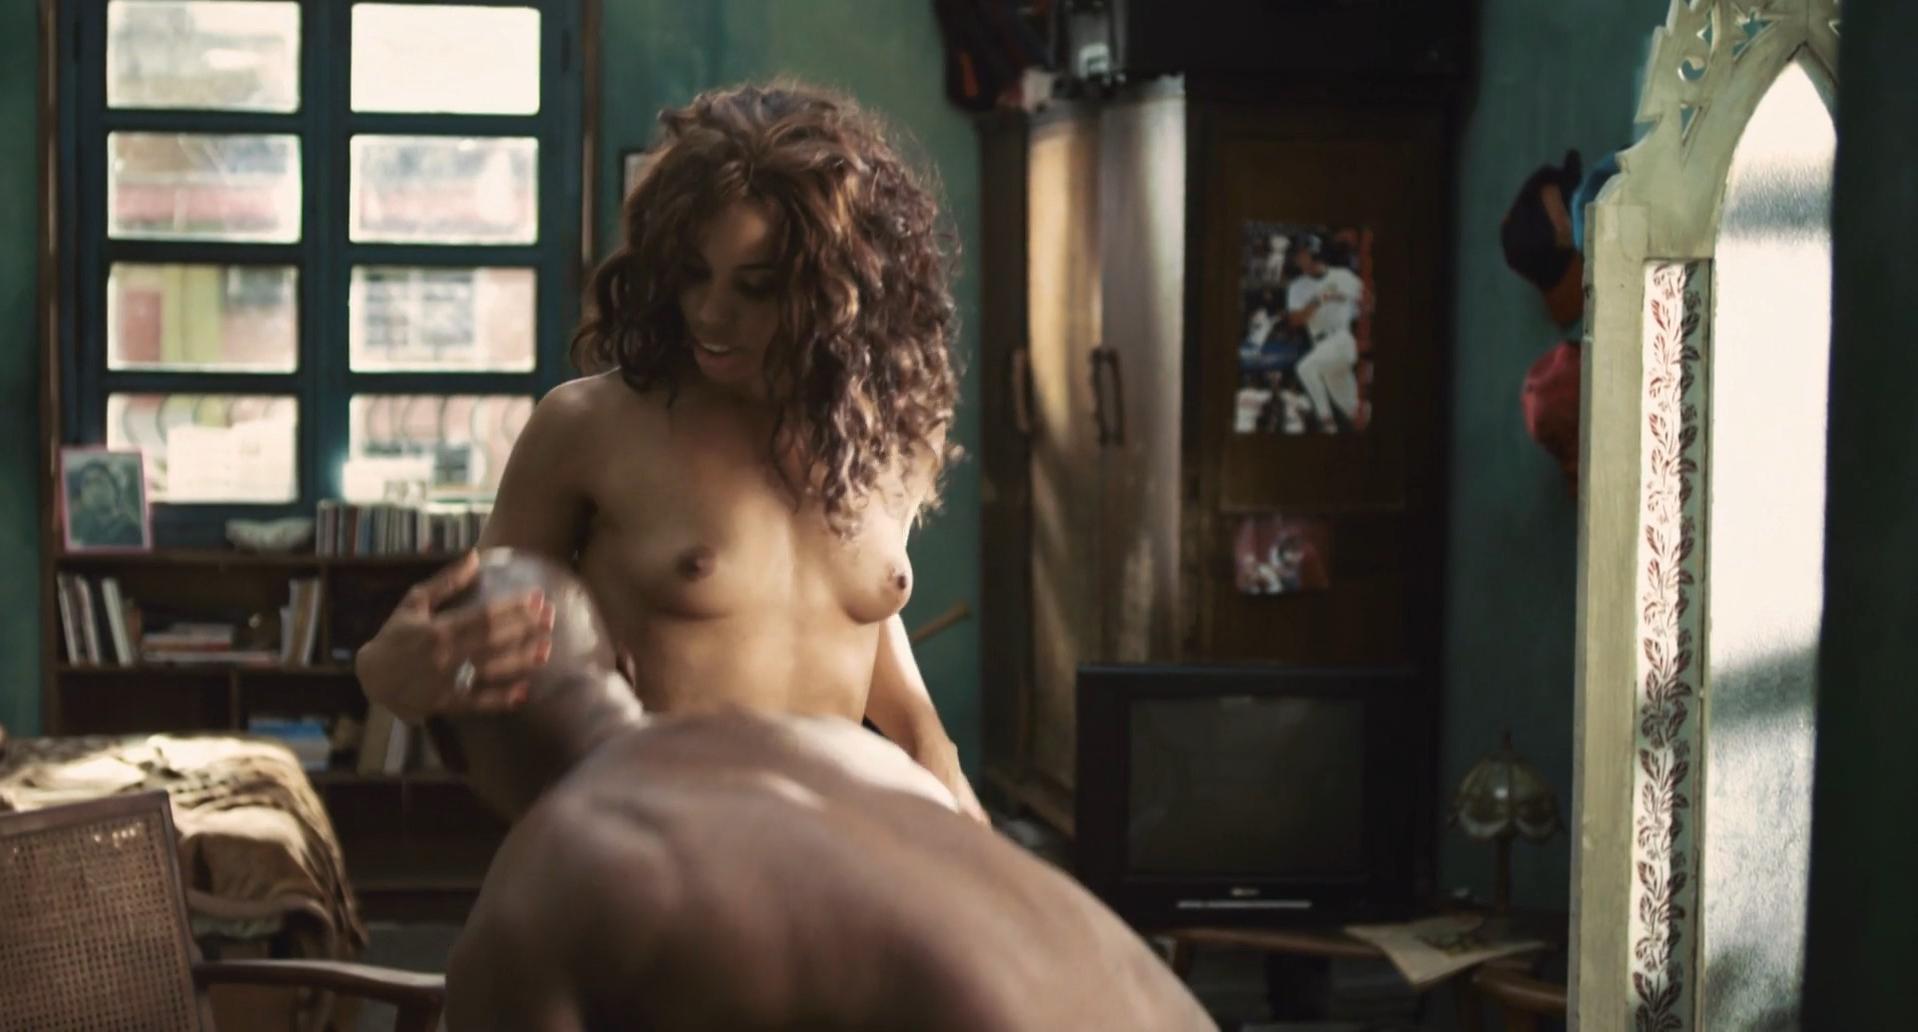 Melvis Santa Estevez nude - 7 Days in Havana (2012)